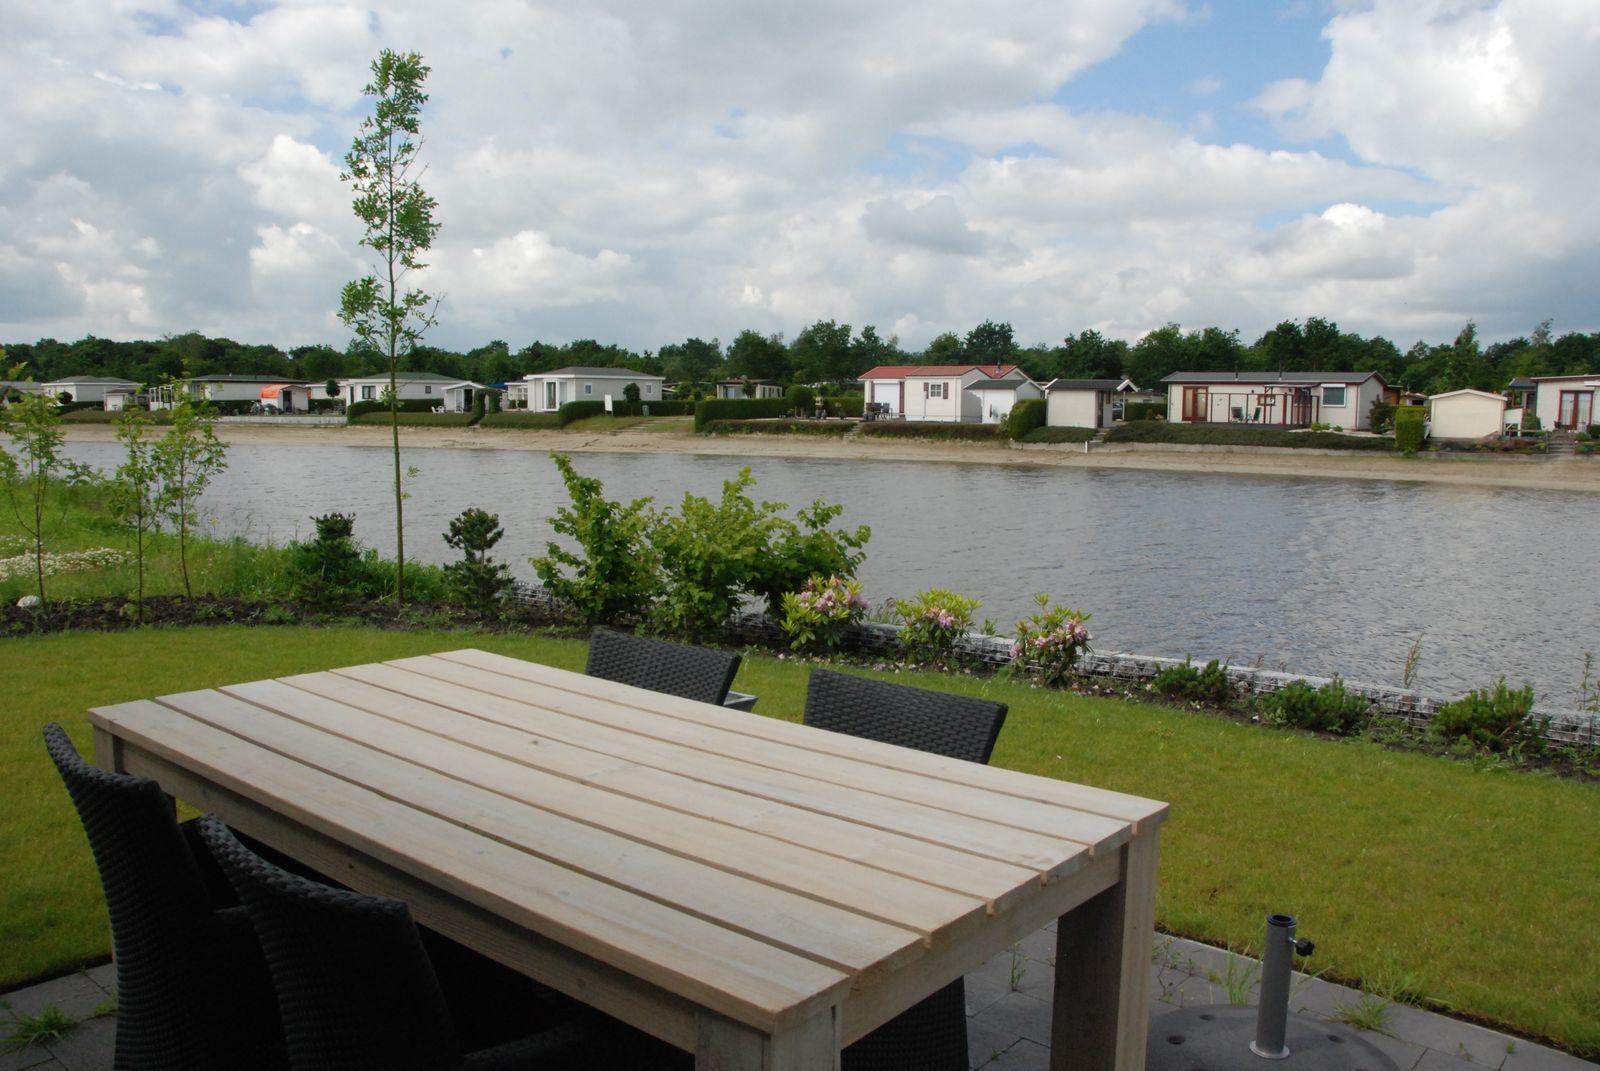 Type A Comfort 4 persoons chalet in Schoonloo - Drenthe, Nederland foto 4766284